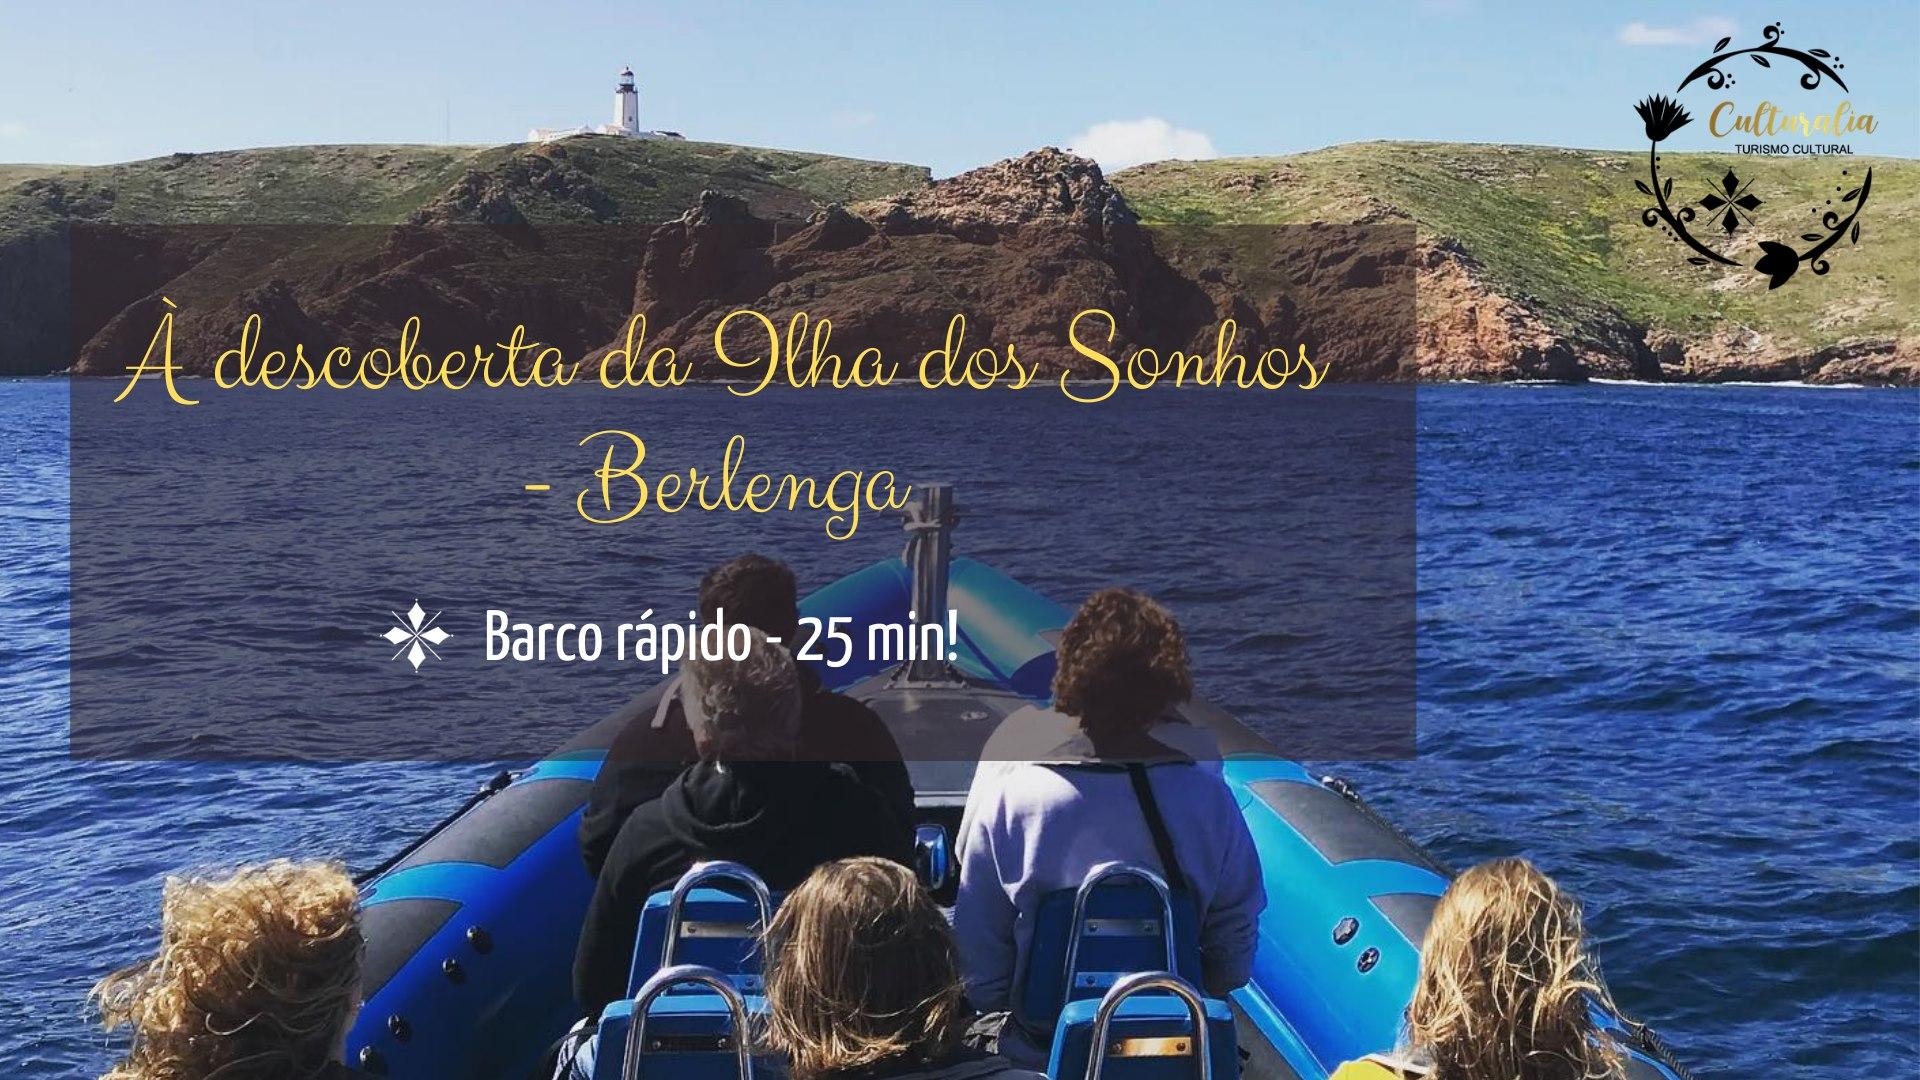 À descoberta da Ilha dos Sonhos - Berlenga